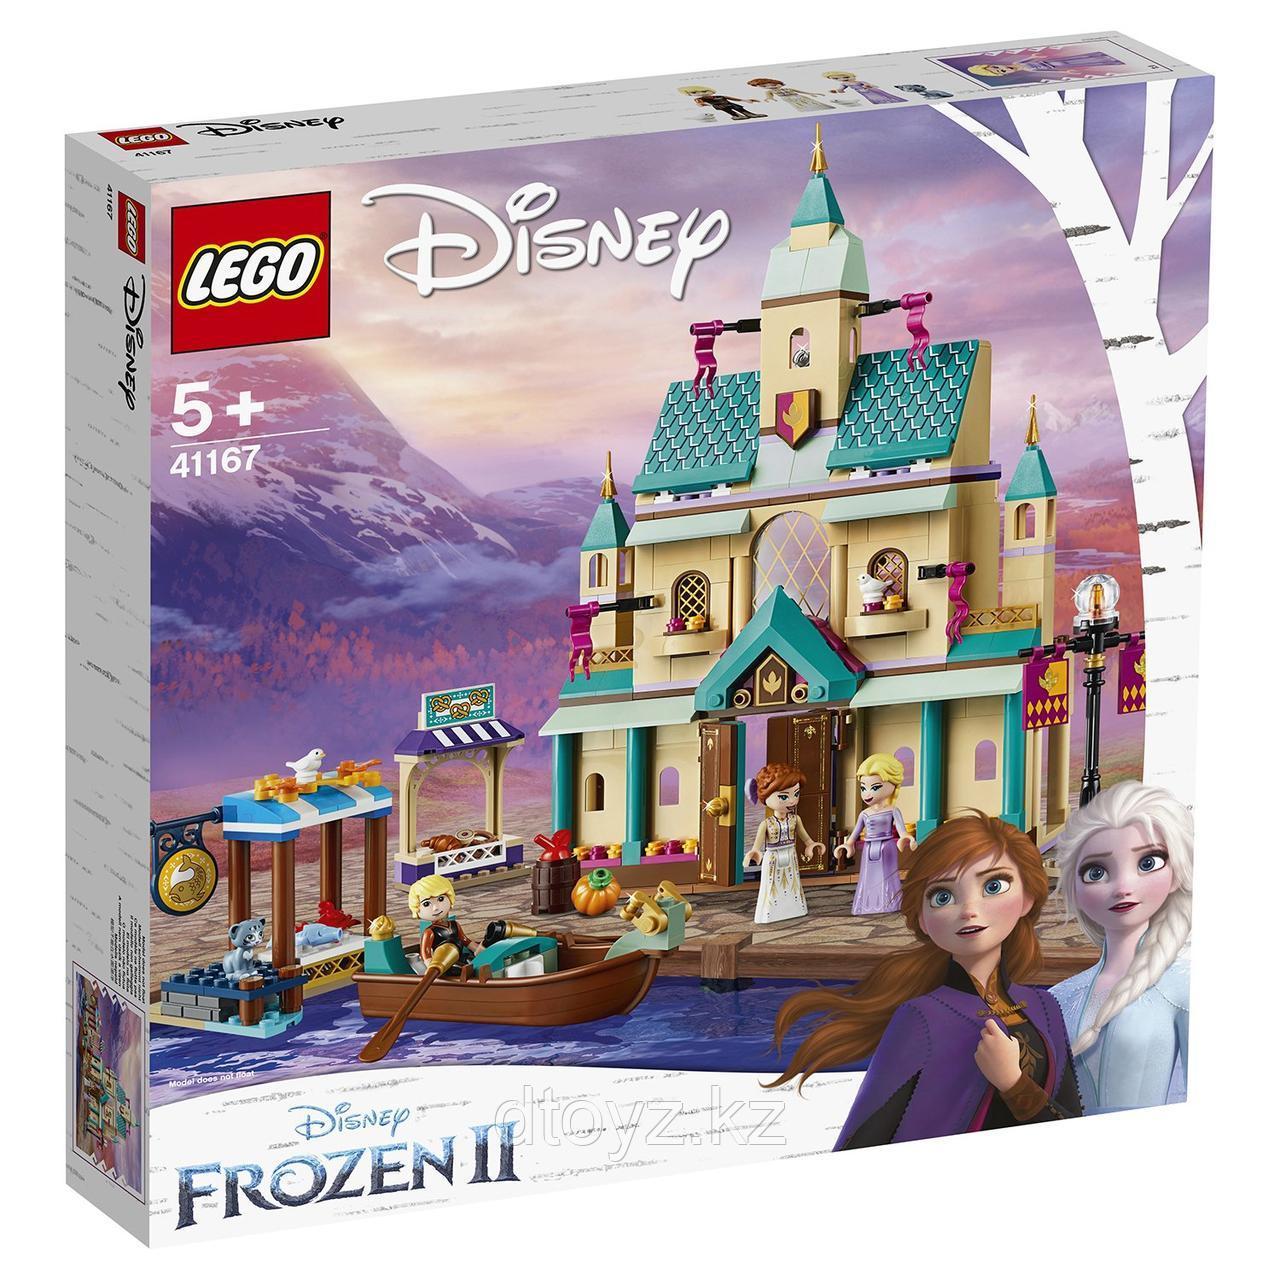 Lego Disney Frozen 41167 Деревня в Эренделле